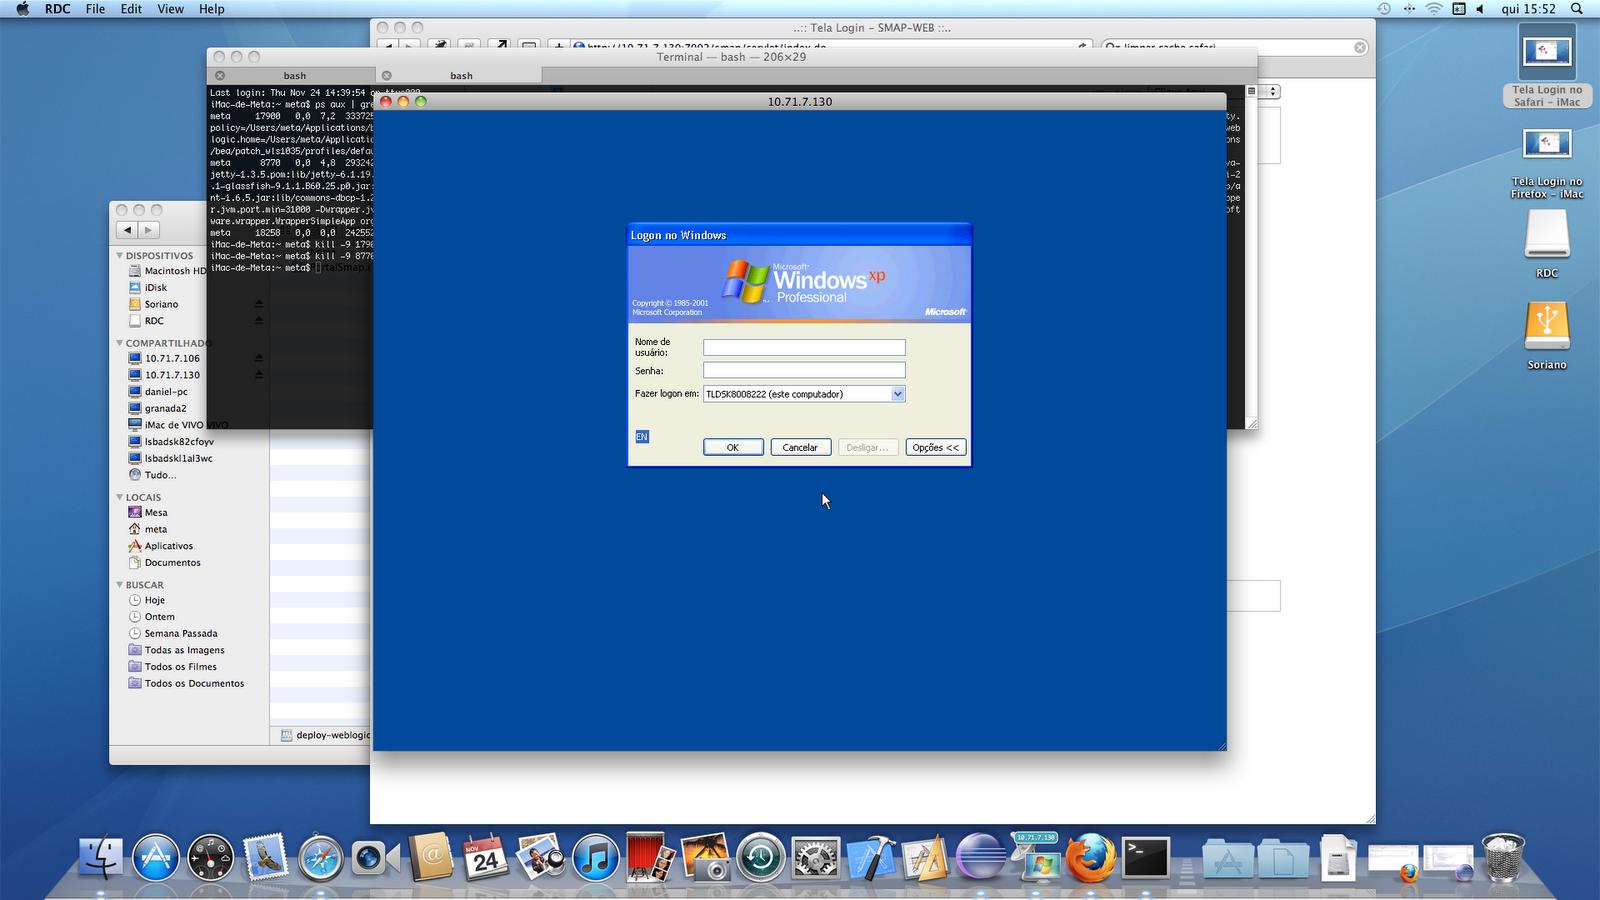 TreffpunktEltern de :: Thema anzeigen - microsoft remote desktop for